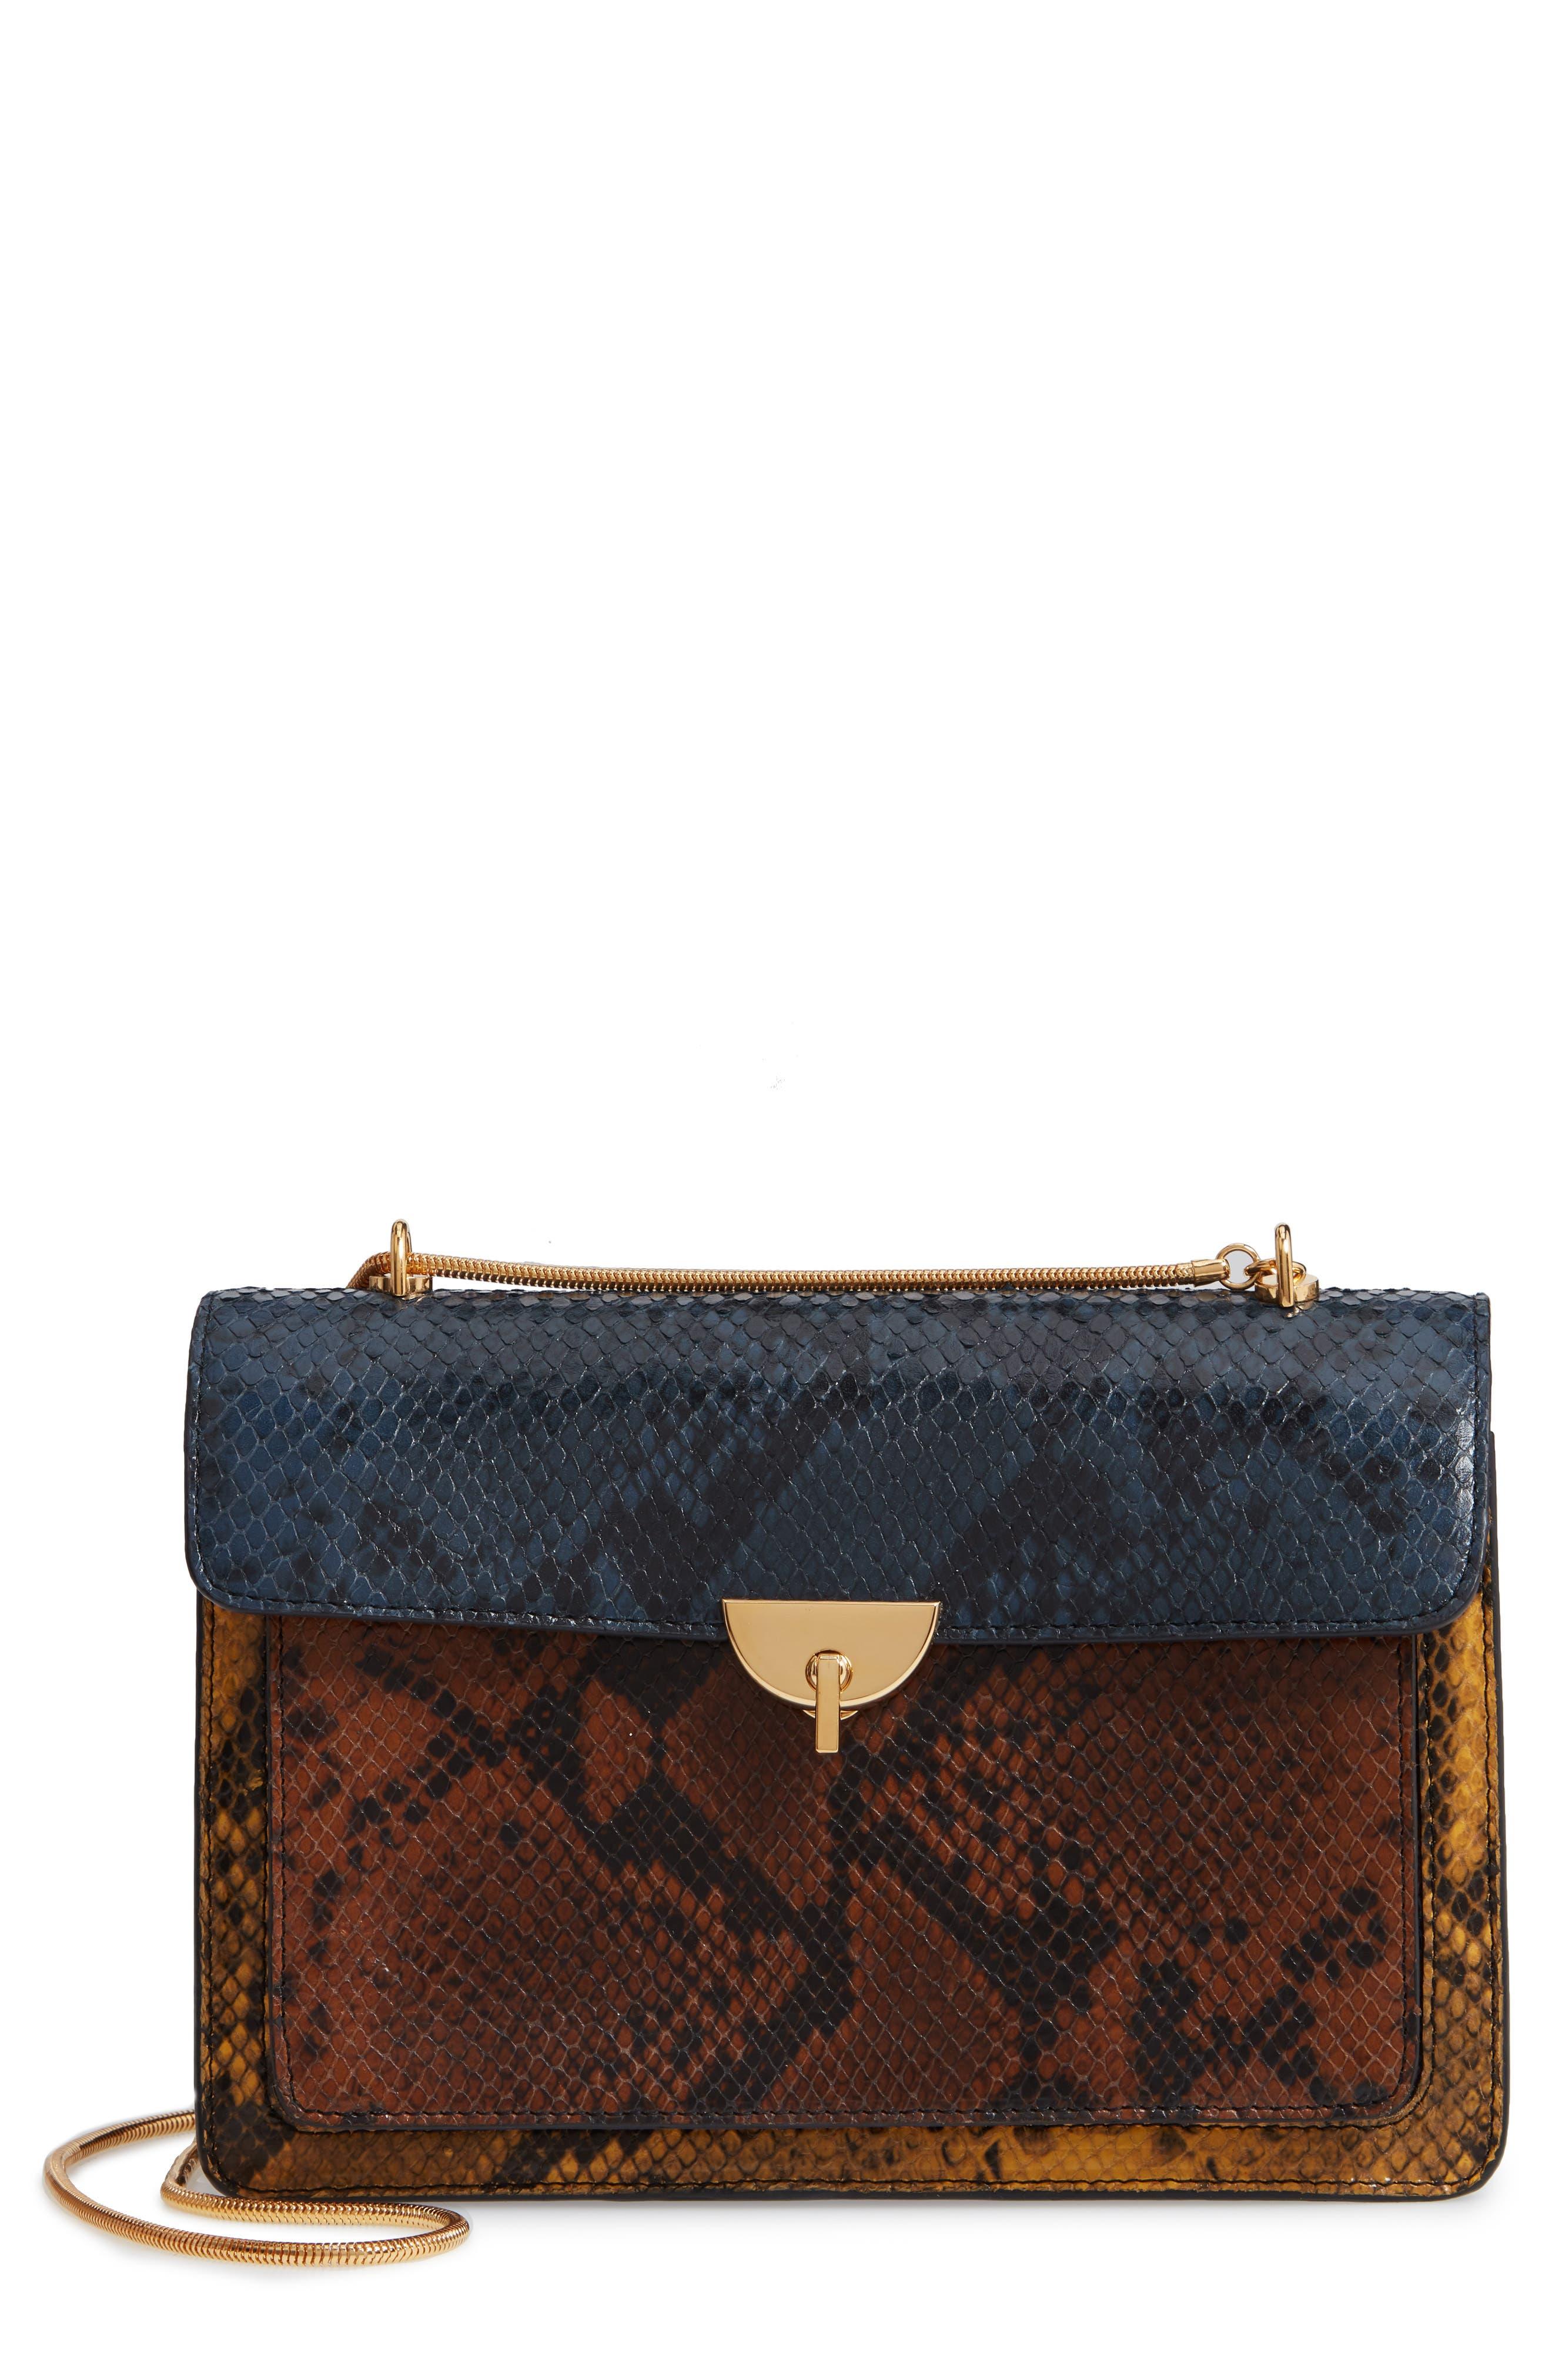 Croc Embossed Leather Shoulder Bag,                         Main,                         color, 200